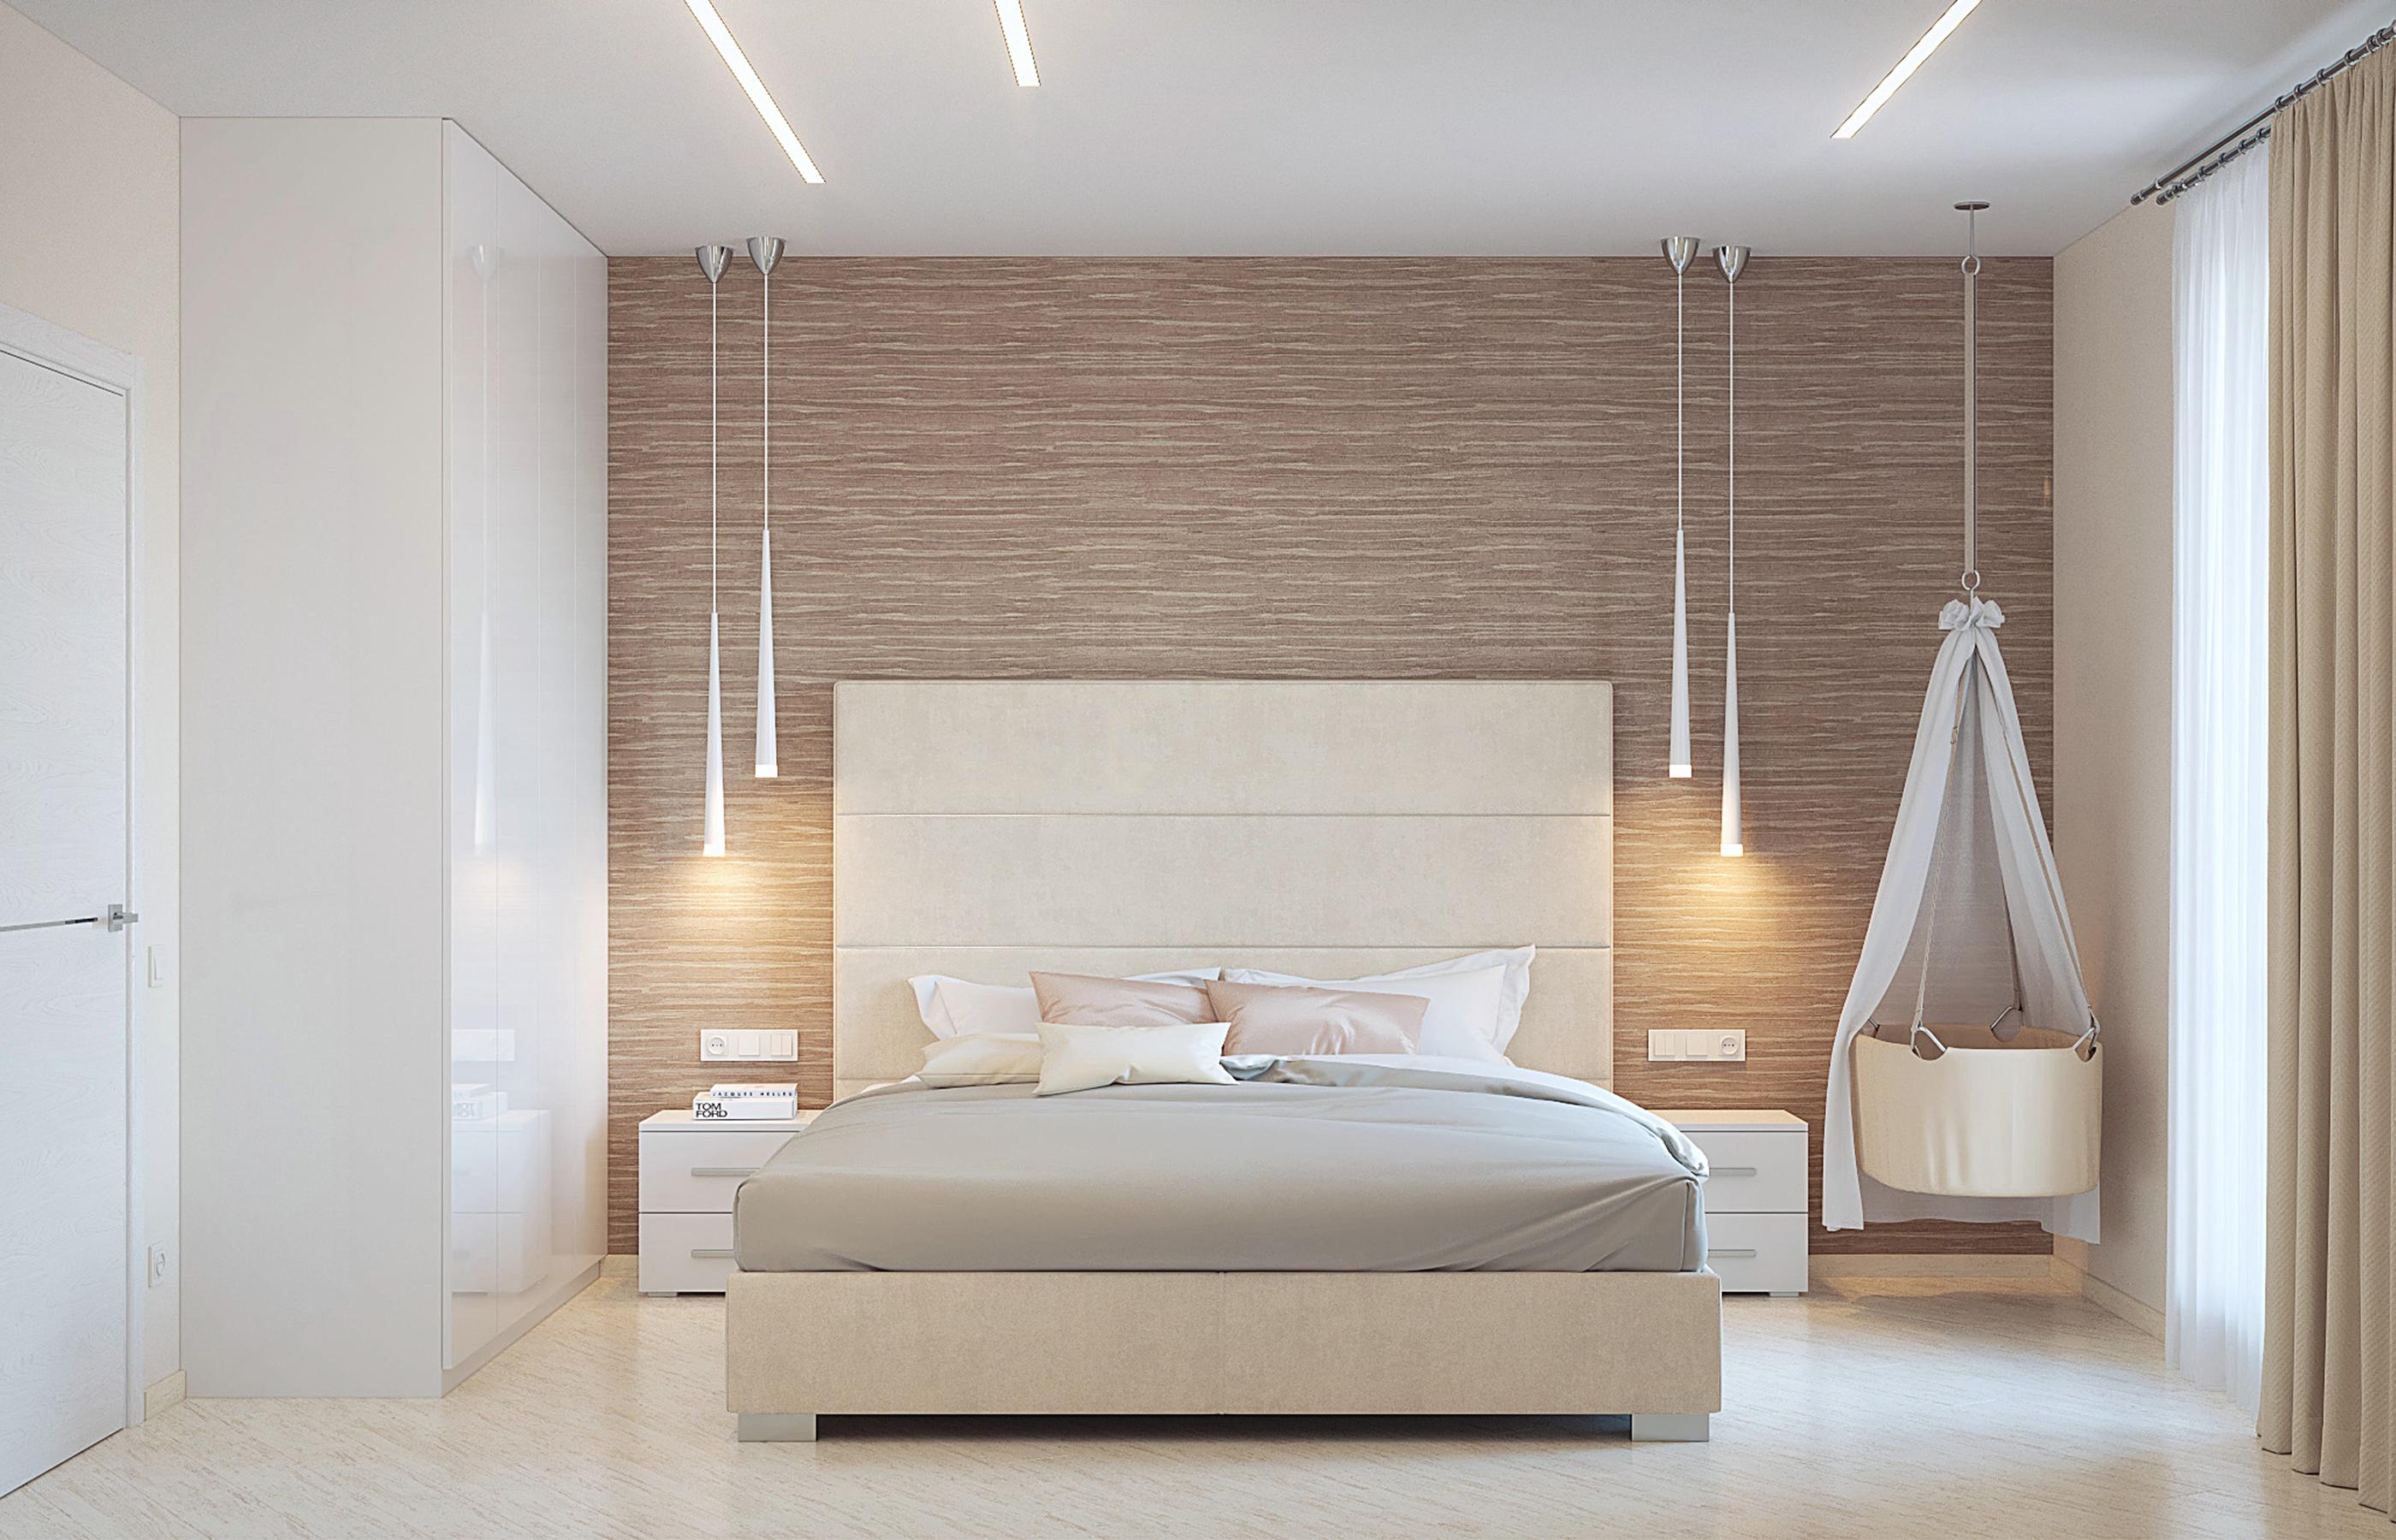 Велюр и замша придают теплоту интерьеру спальни в стиле минимализм